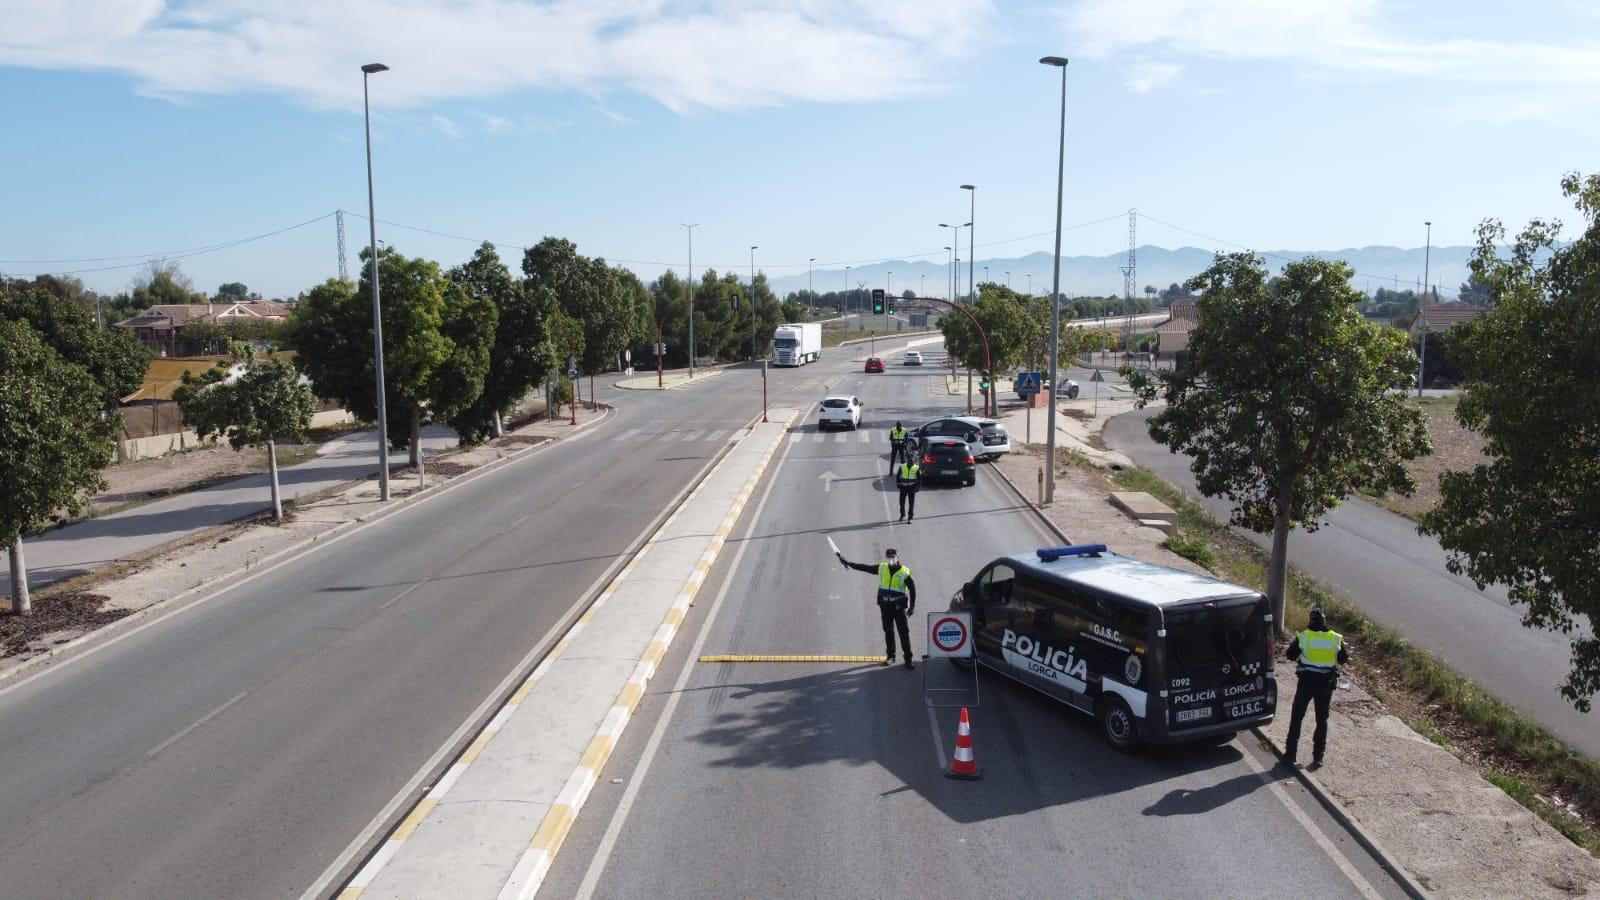 La Policía Local de Lorca recupera un vehículo de alta gama sustraído en Bélgica en un dispositivo de control de seguridad